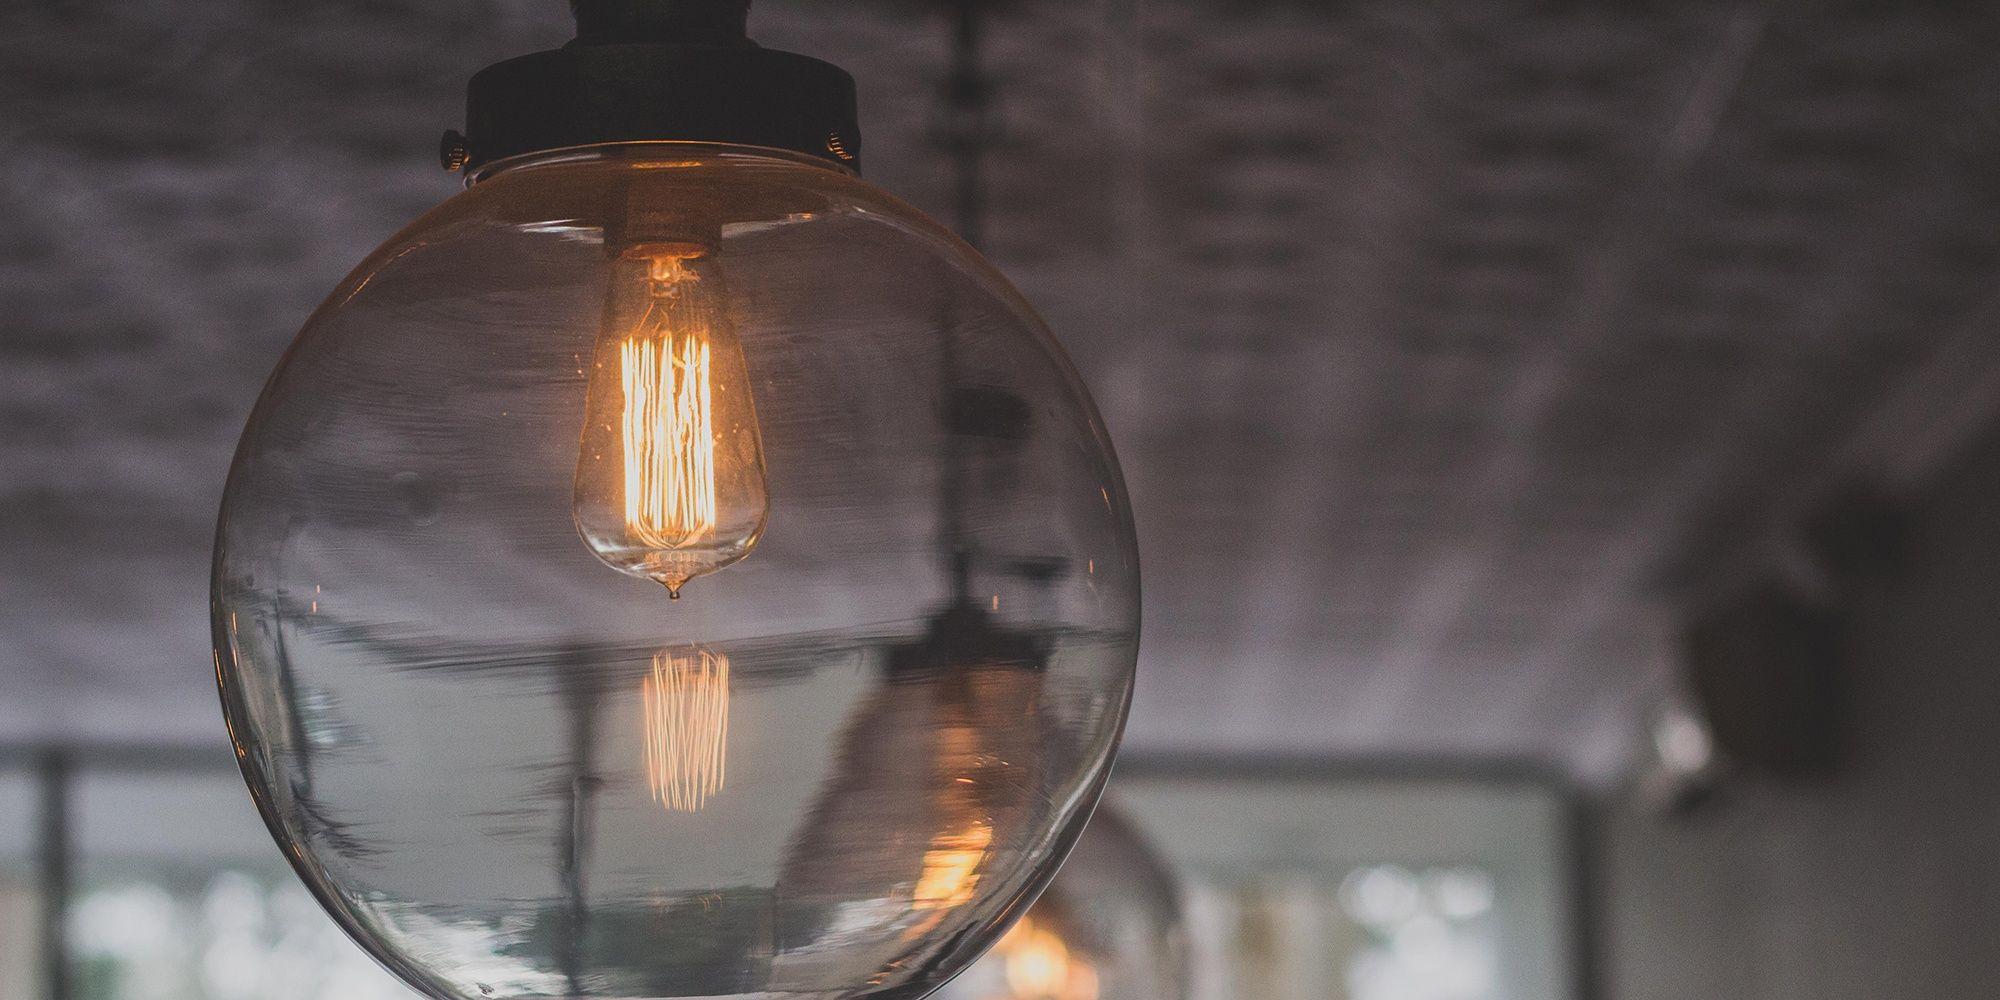 Nærbilde av en lyspære som henger fra et tak